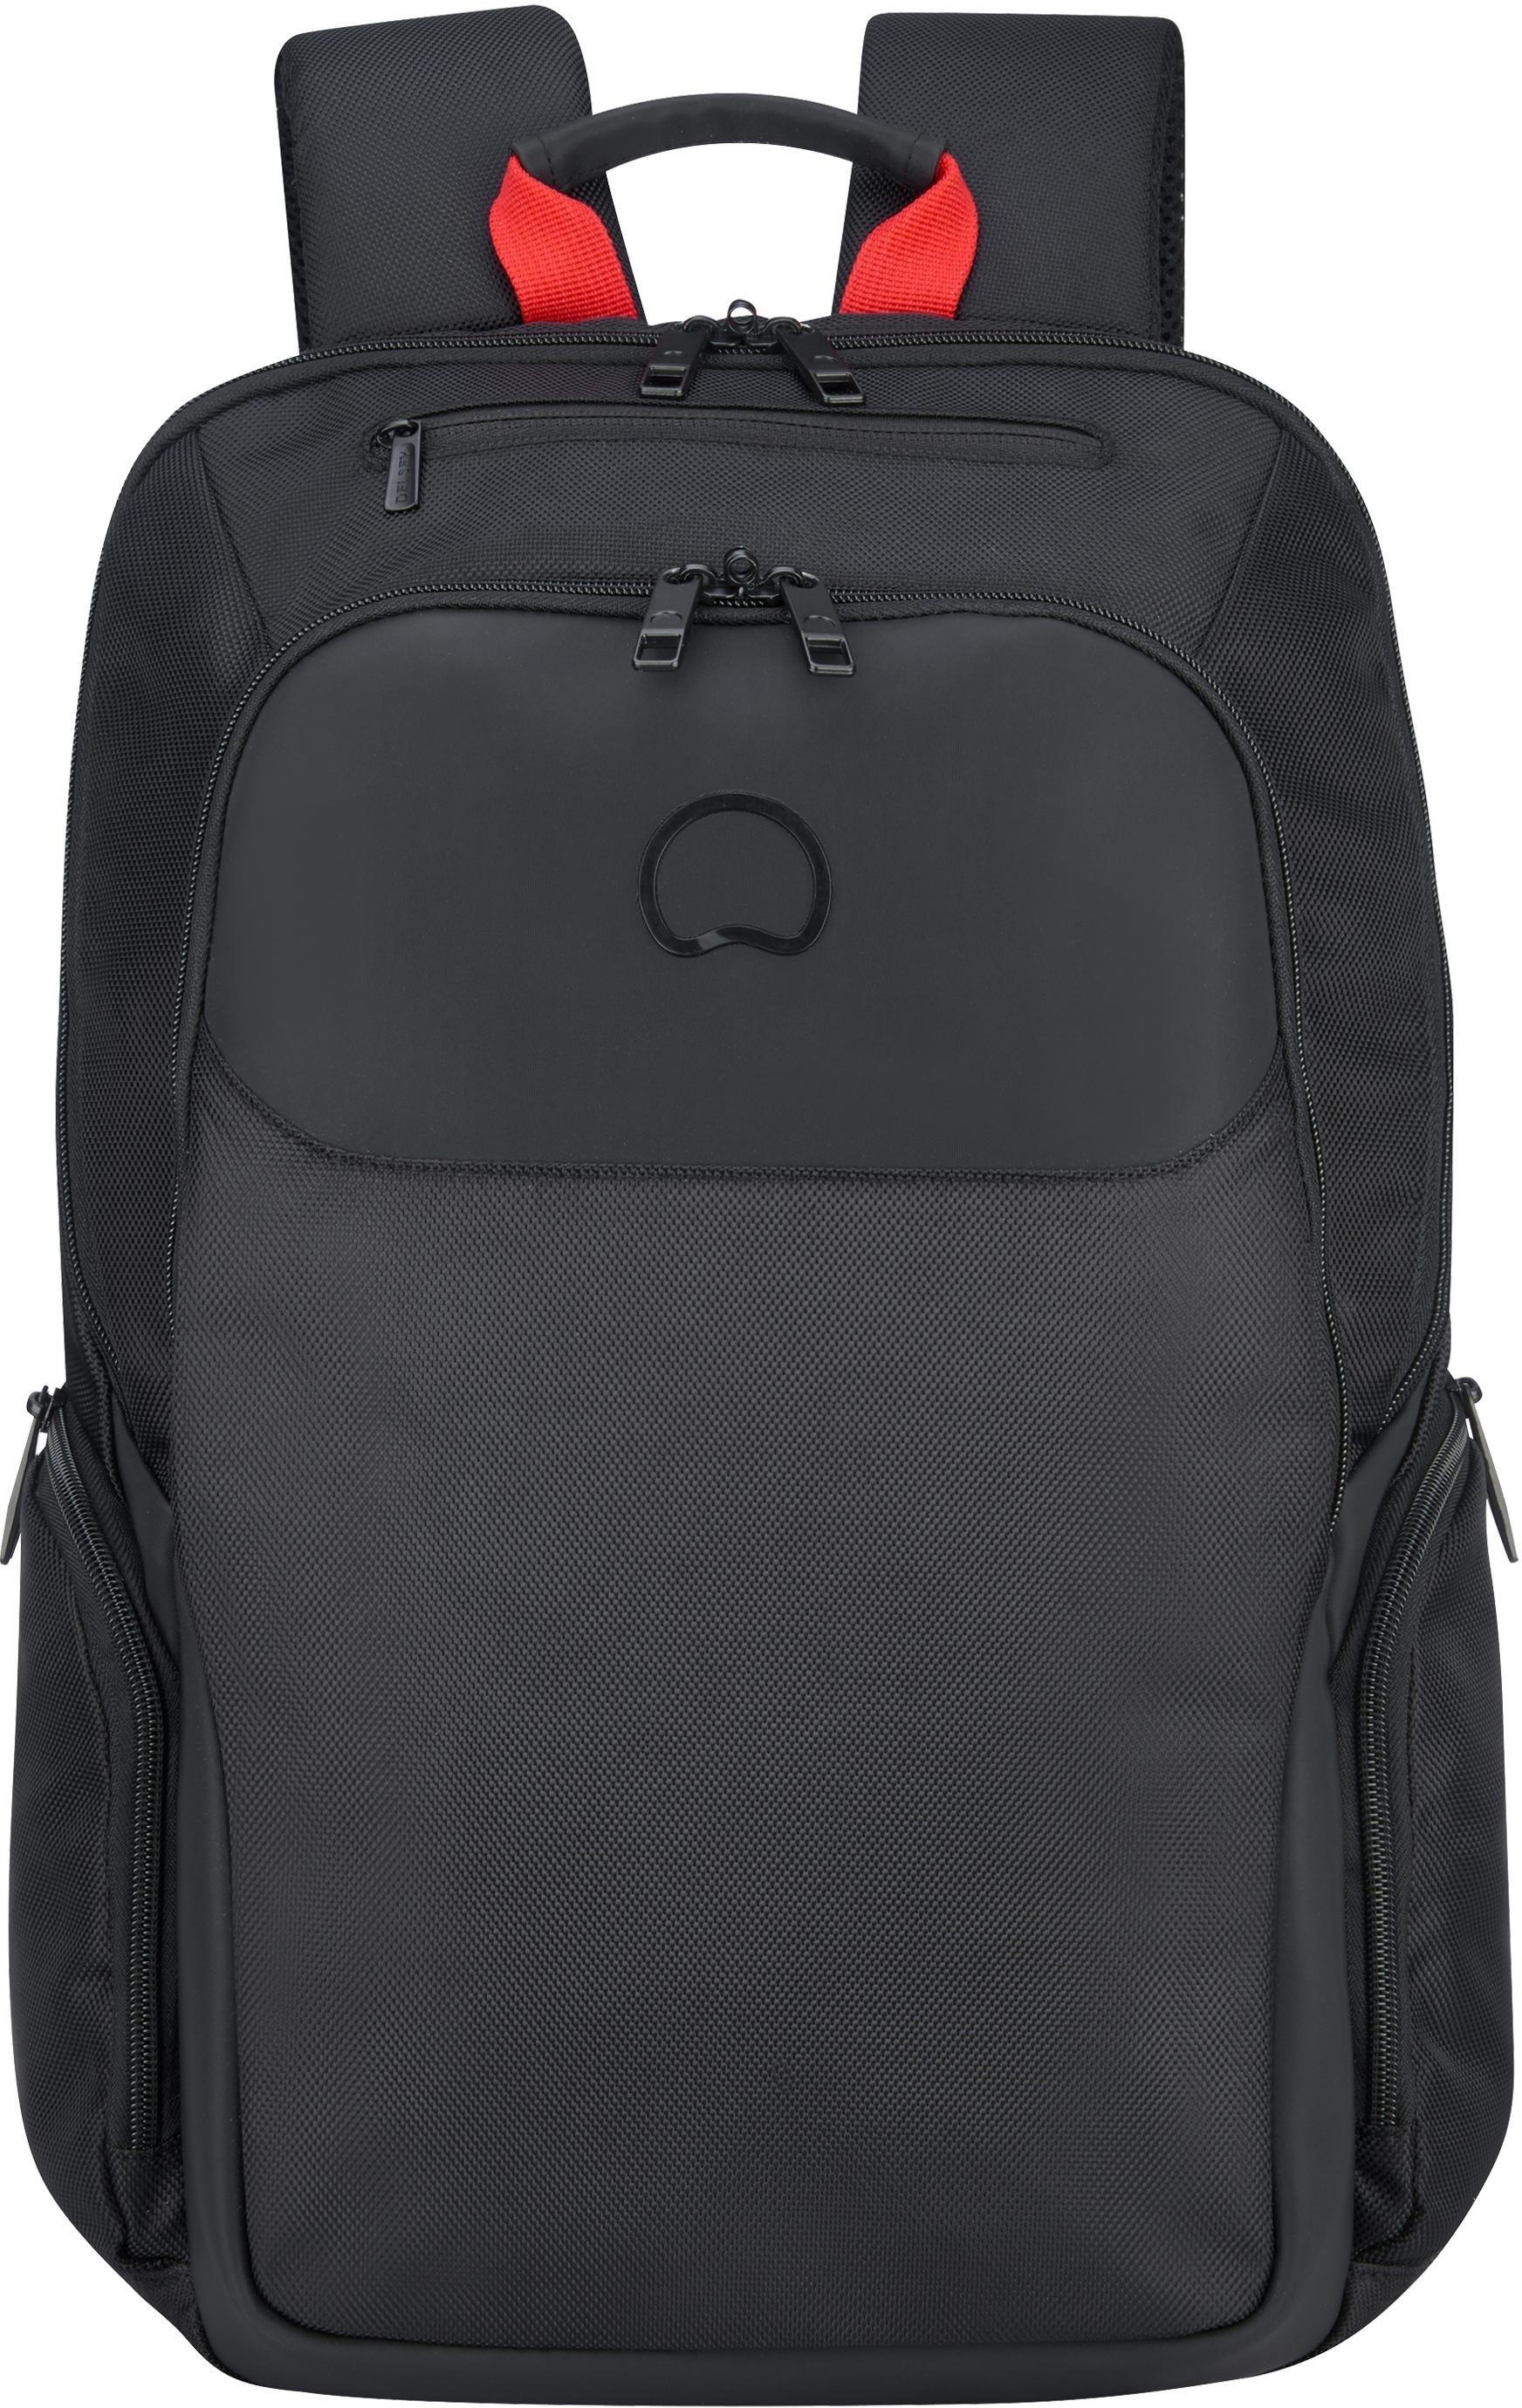 Delsey rugzak met 15,6 inch laptopvak, »Parvis Plus« in de webshop van OTTO kopen